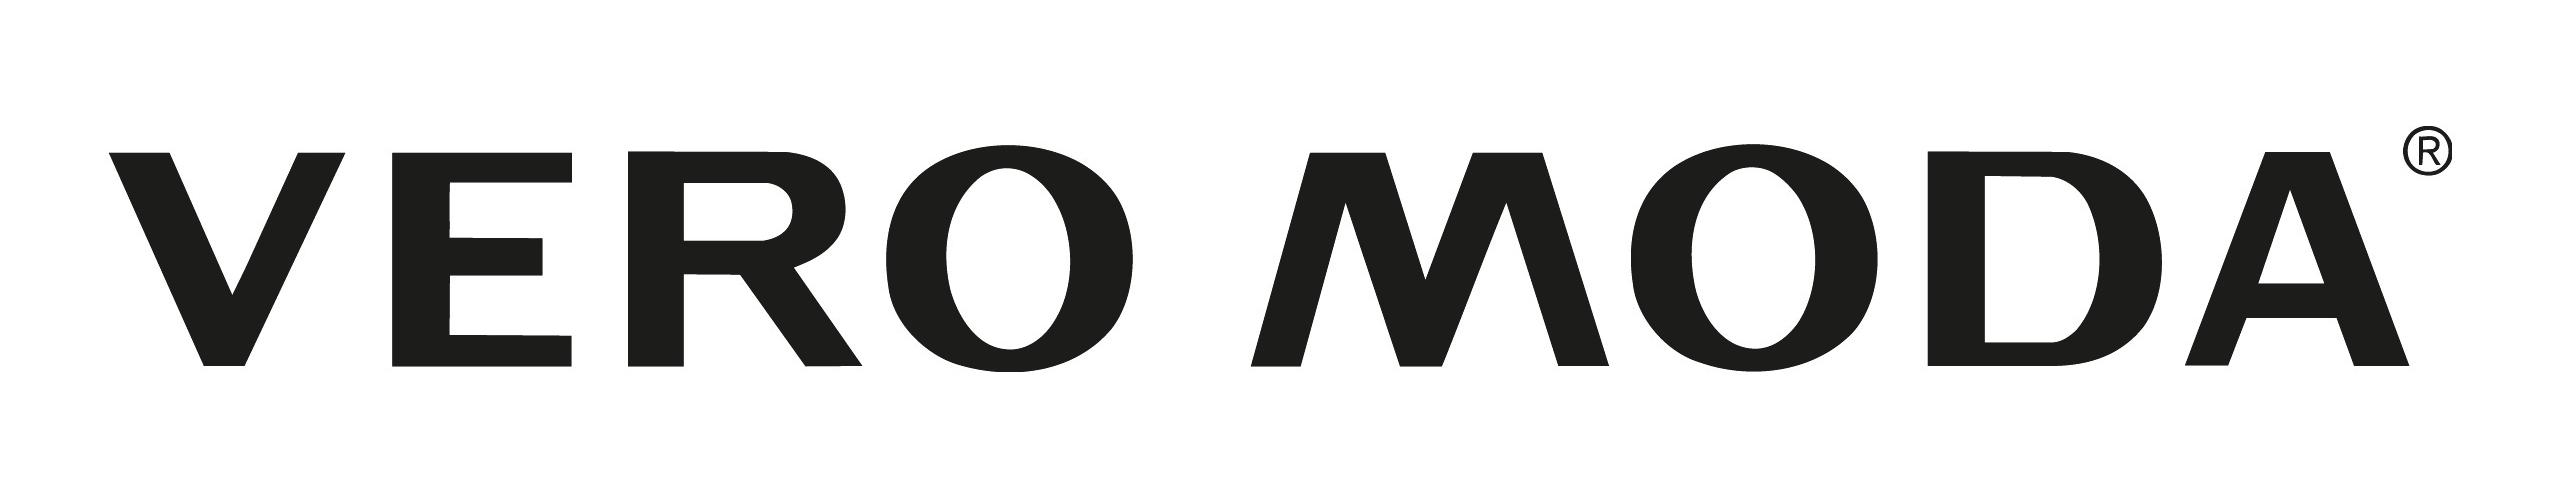 The North Face >> Vero Moda – Logos Download